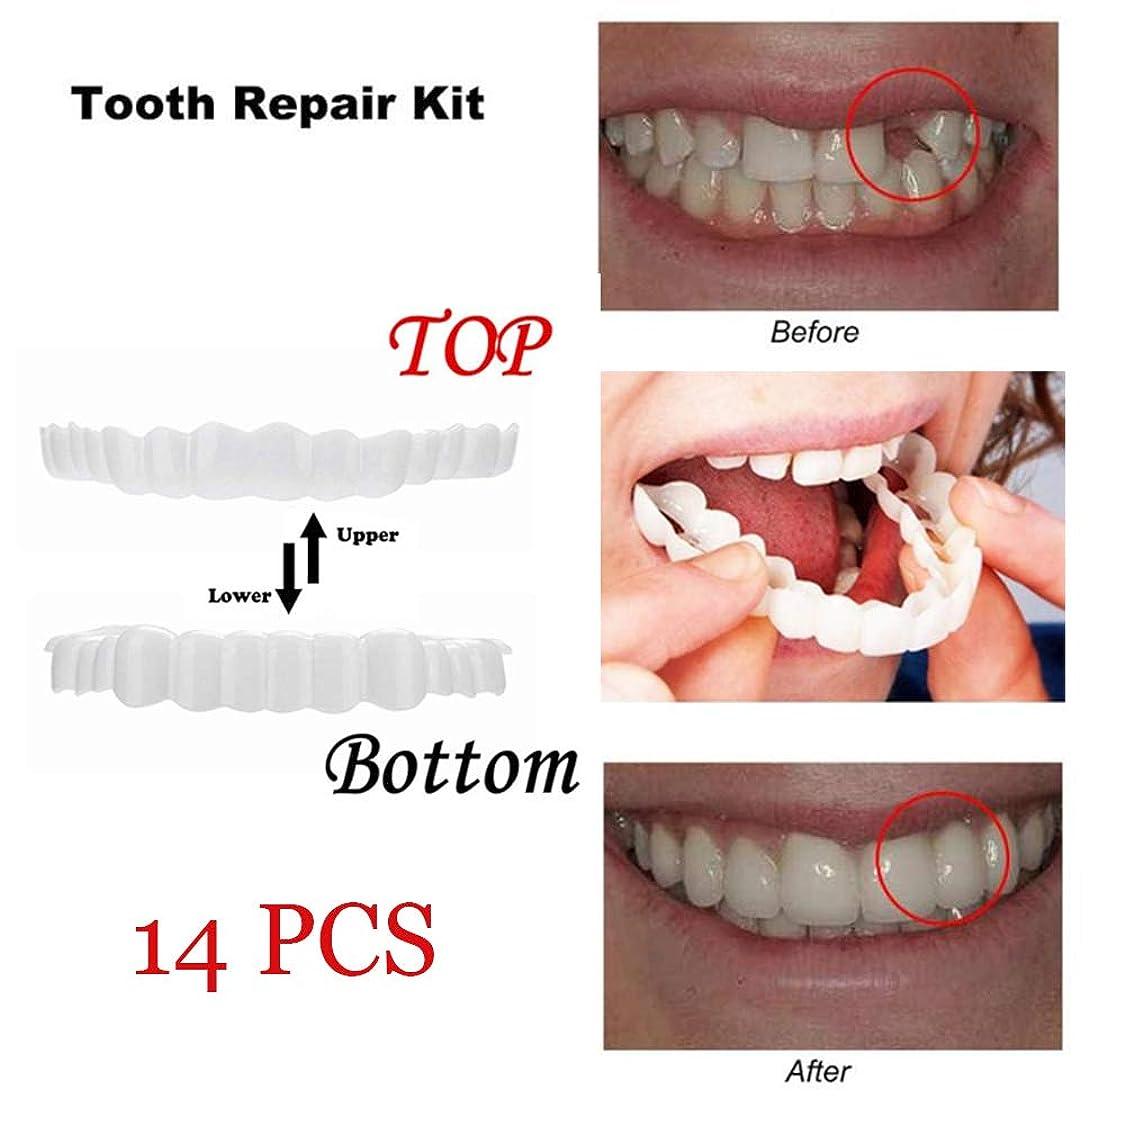 下にプラスチック申し立て14ピース化粧品歯一時的な笑顔ホワイトニング歯インスタント快適な義歯ケアデンタルメイクほとんどの人に適していますオーラルケア(上+下)